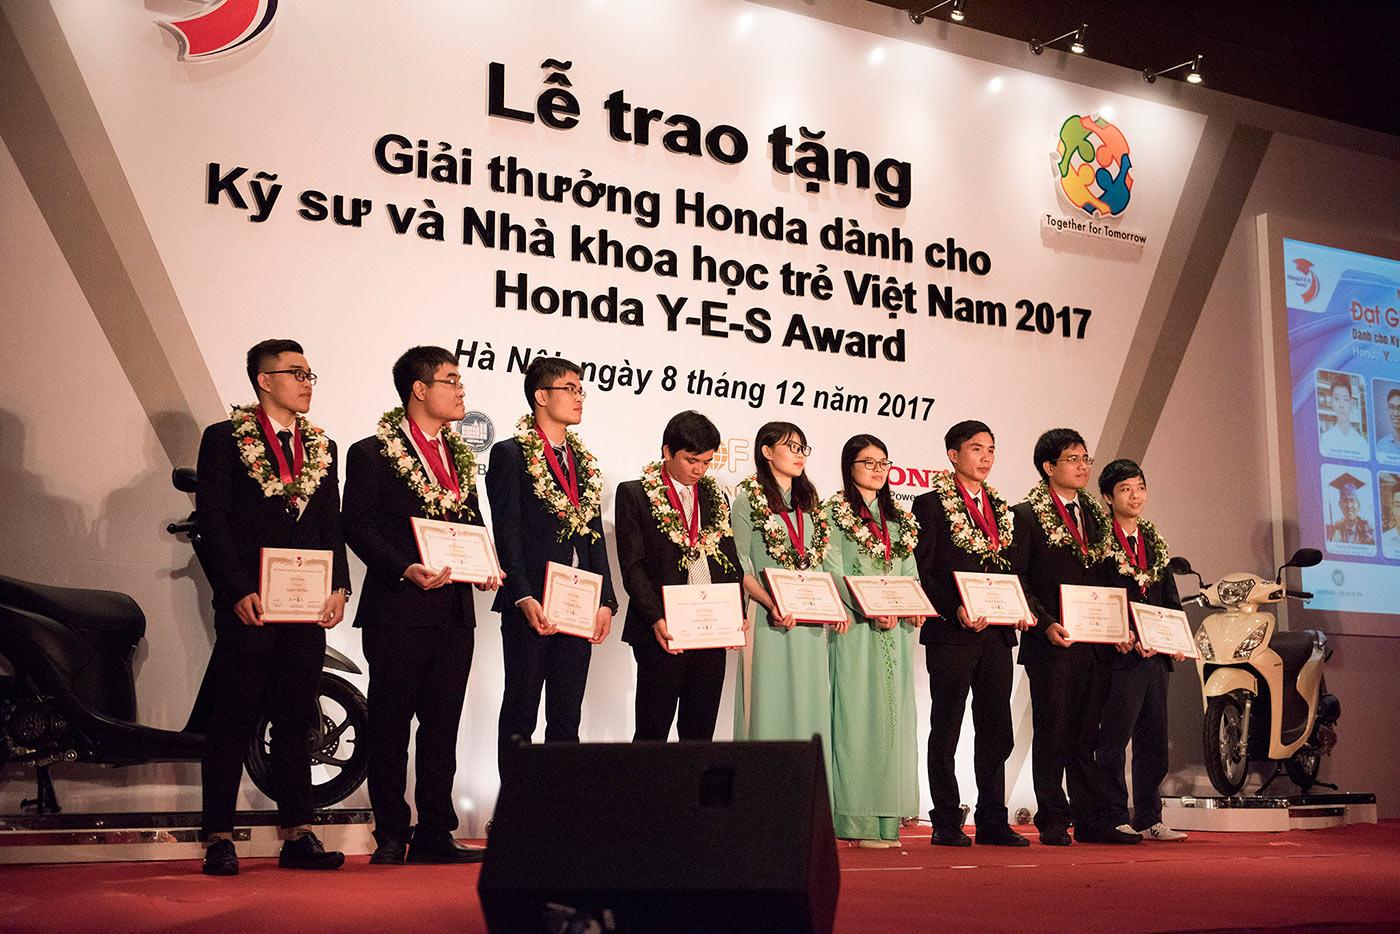 honda-yes-award-2017-03.jpg